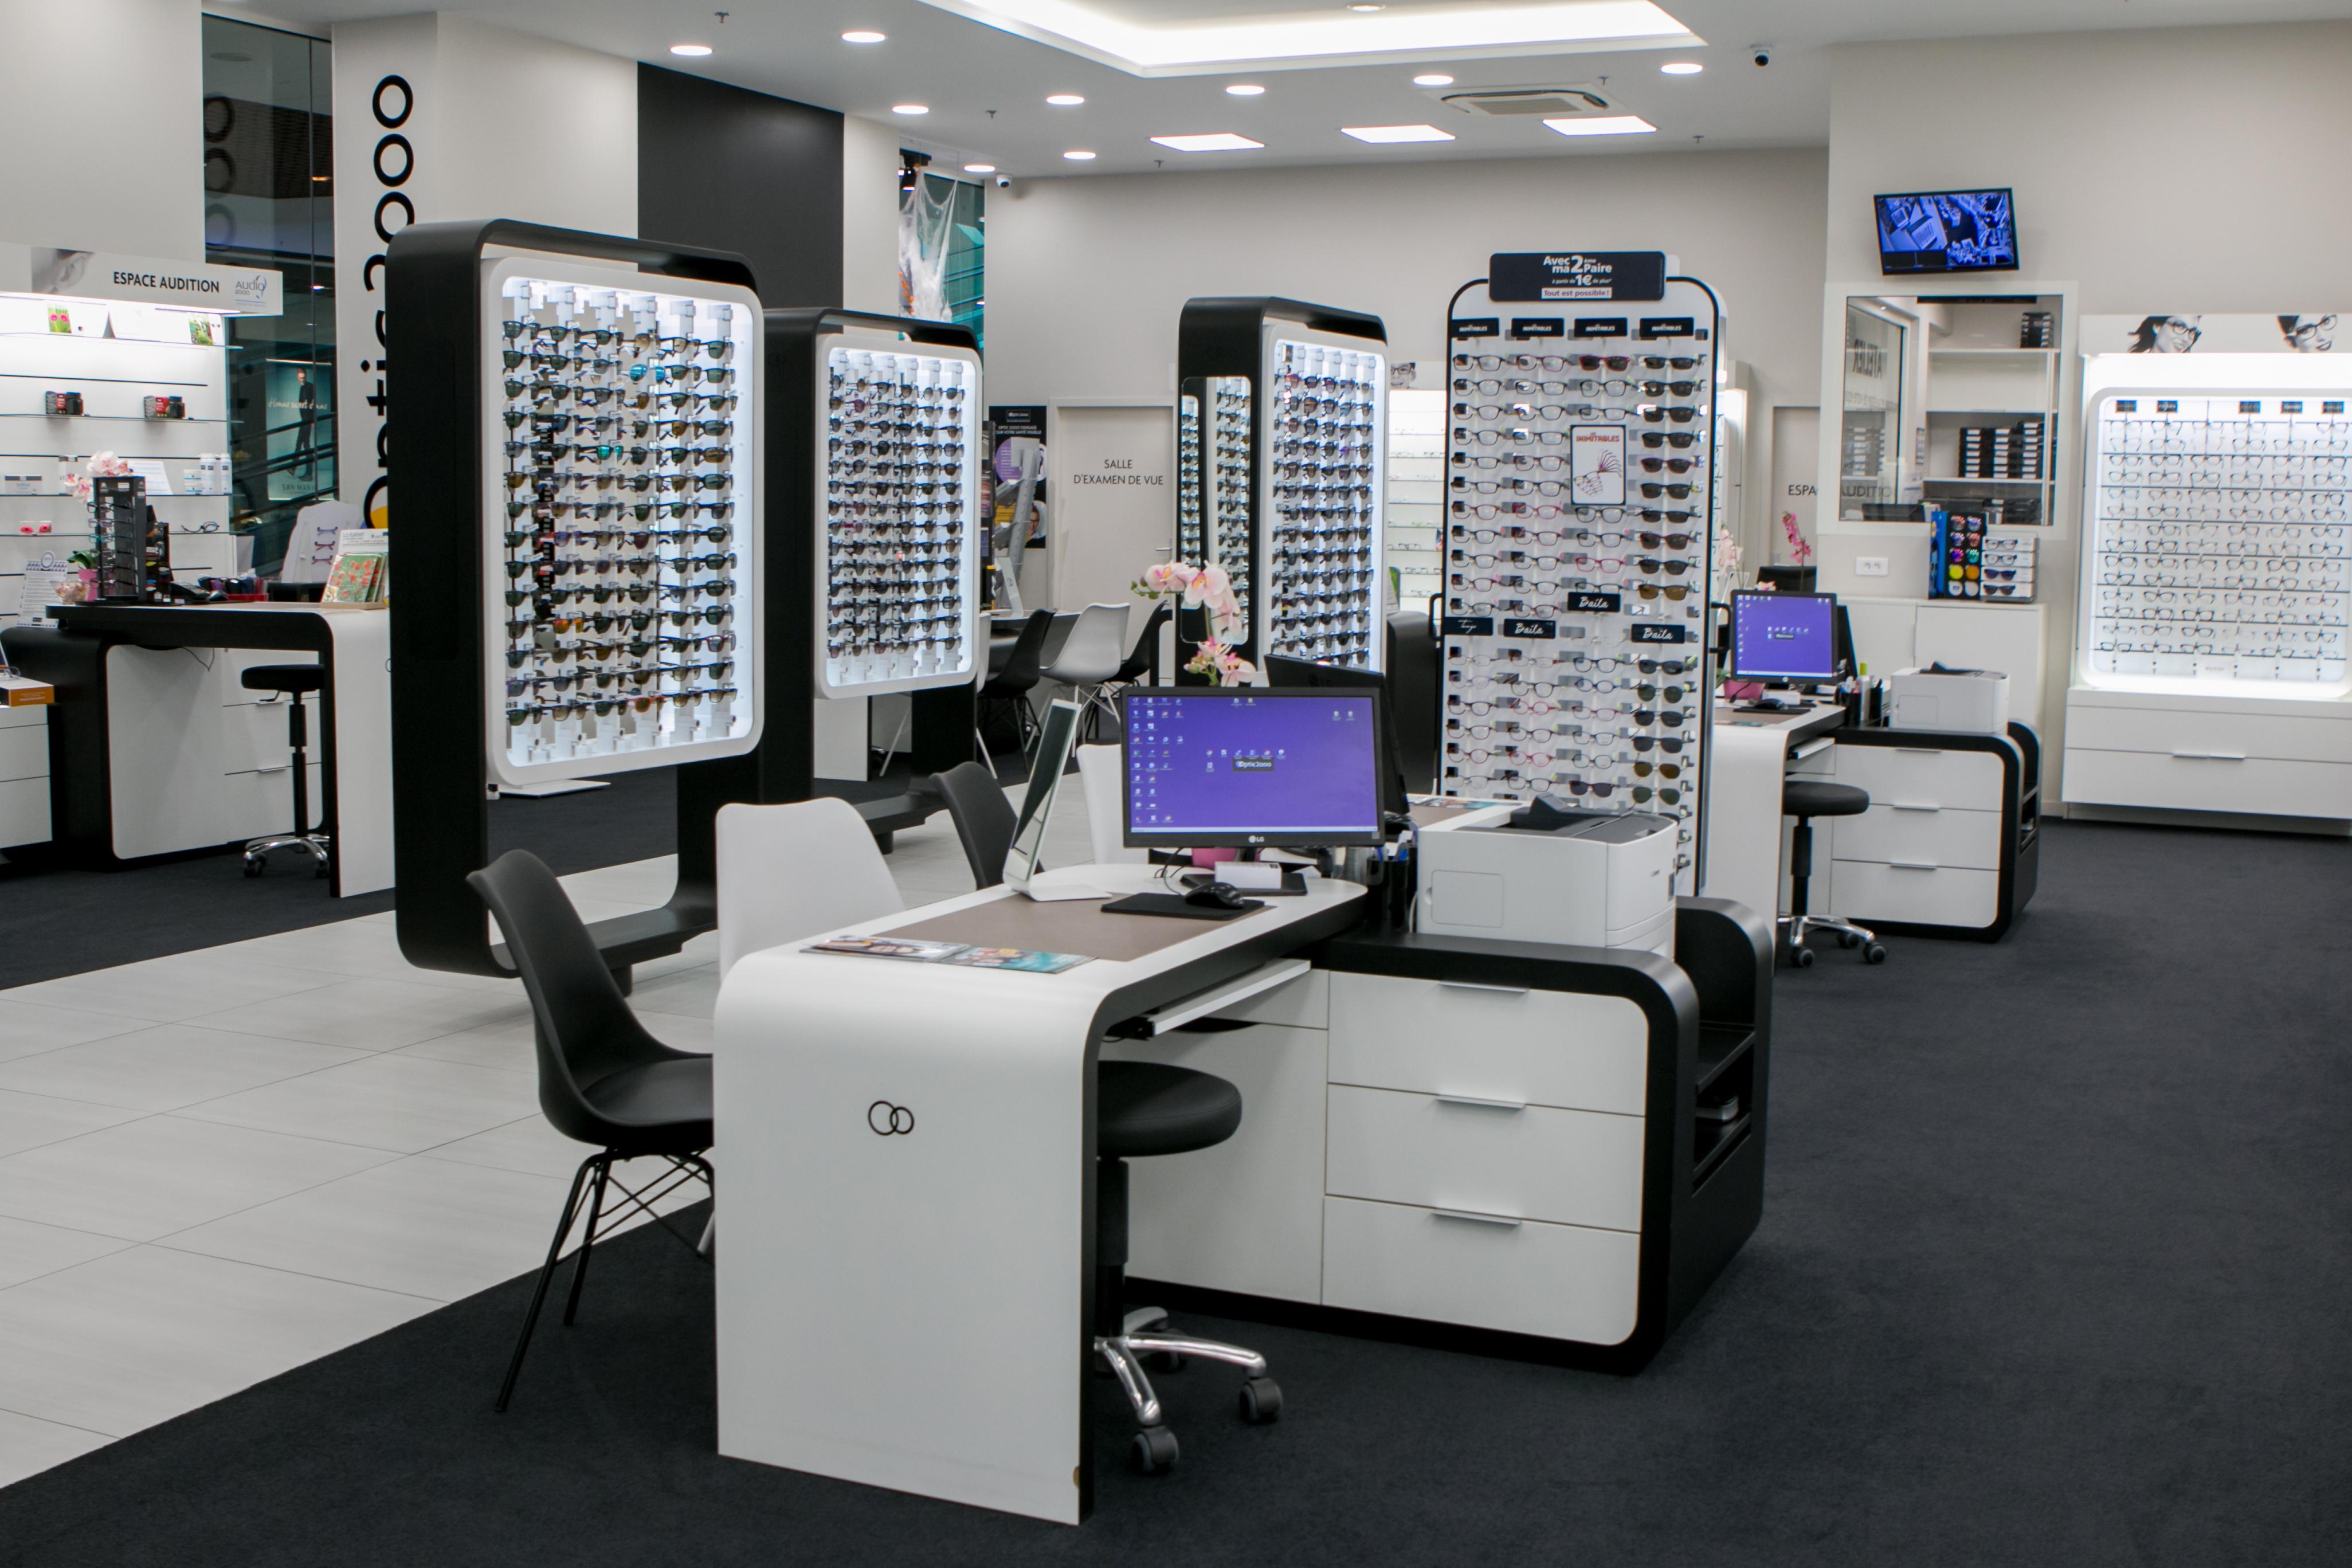 dbb84746da Opticien Optic 2000 QUETIGNY 21800 - lunettes femme, lunettes homme - Optic  2000